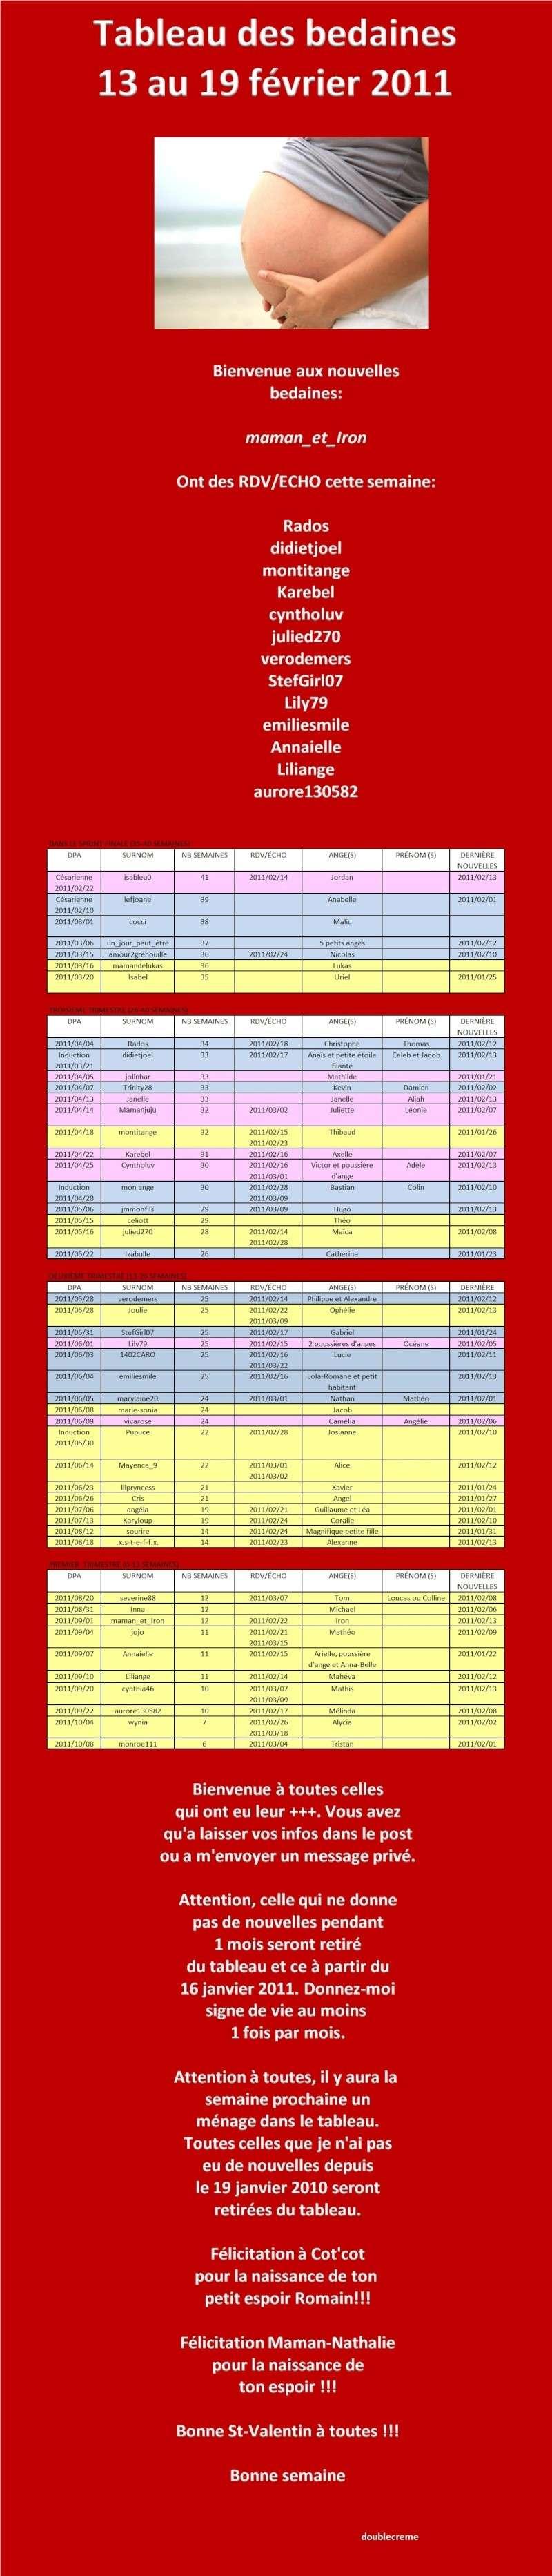 tableau des bedaine du 13 au 19 février 2011 13_au_11